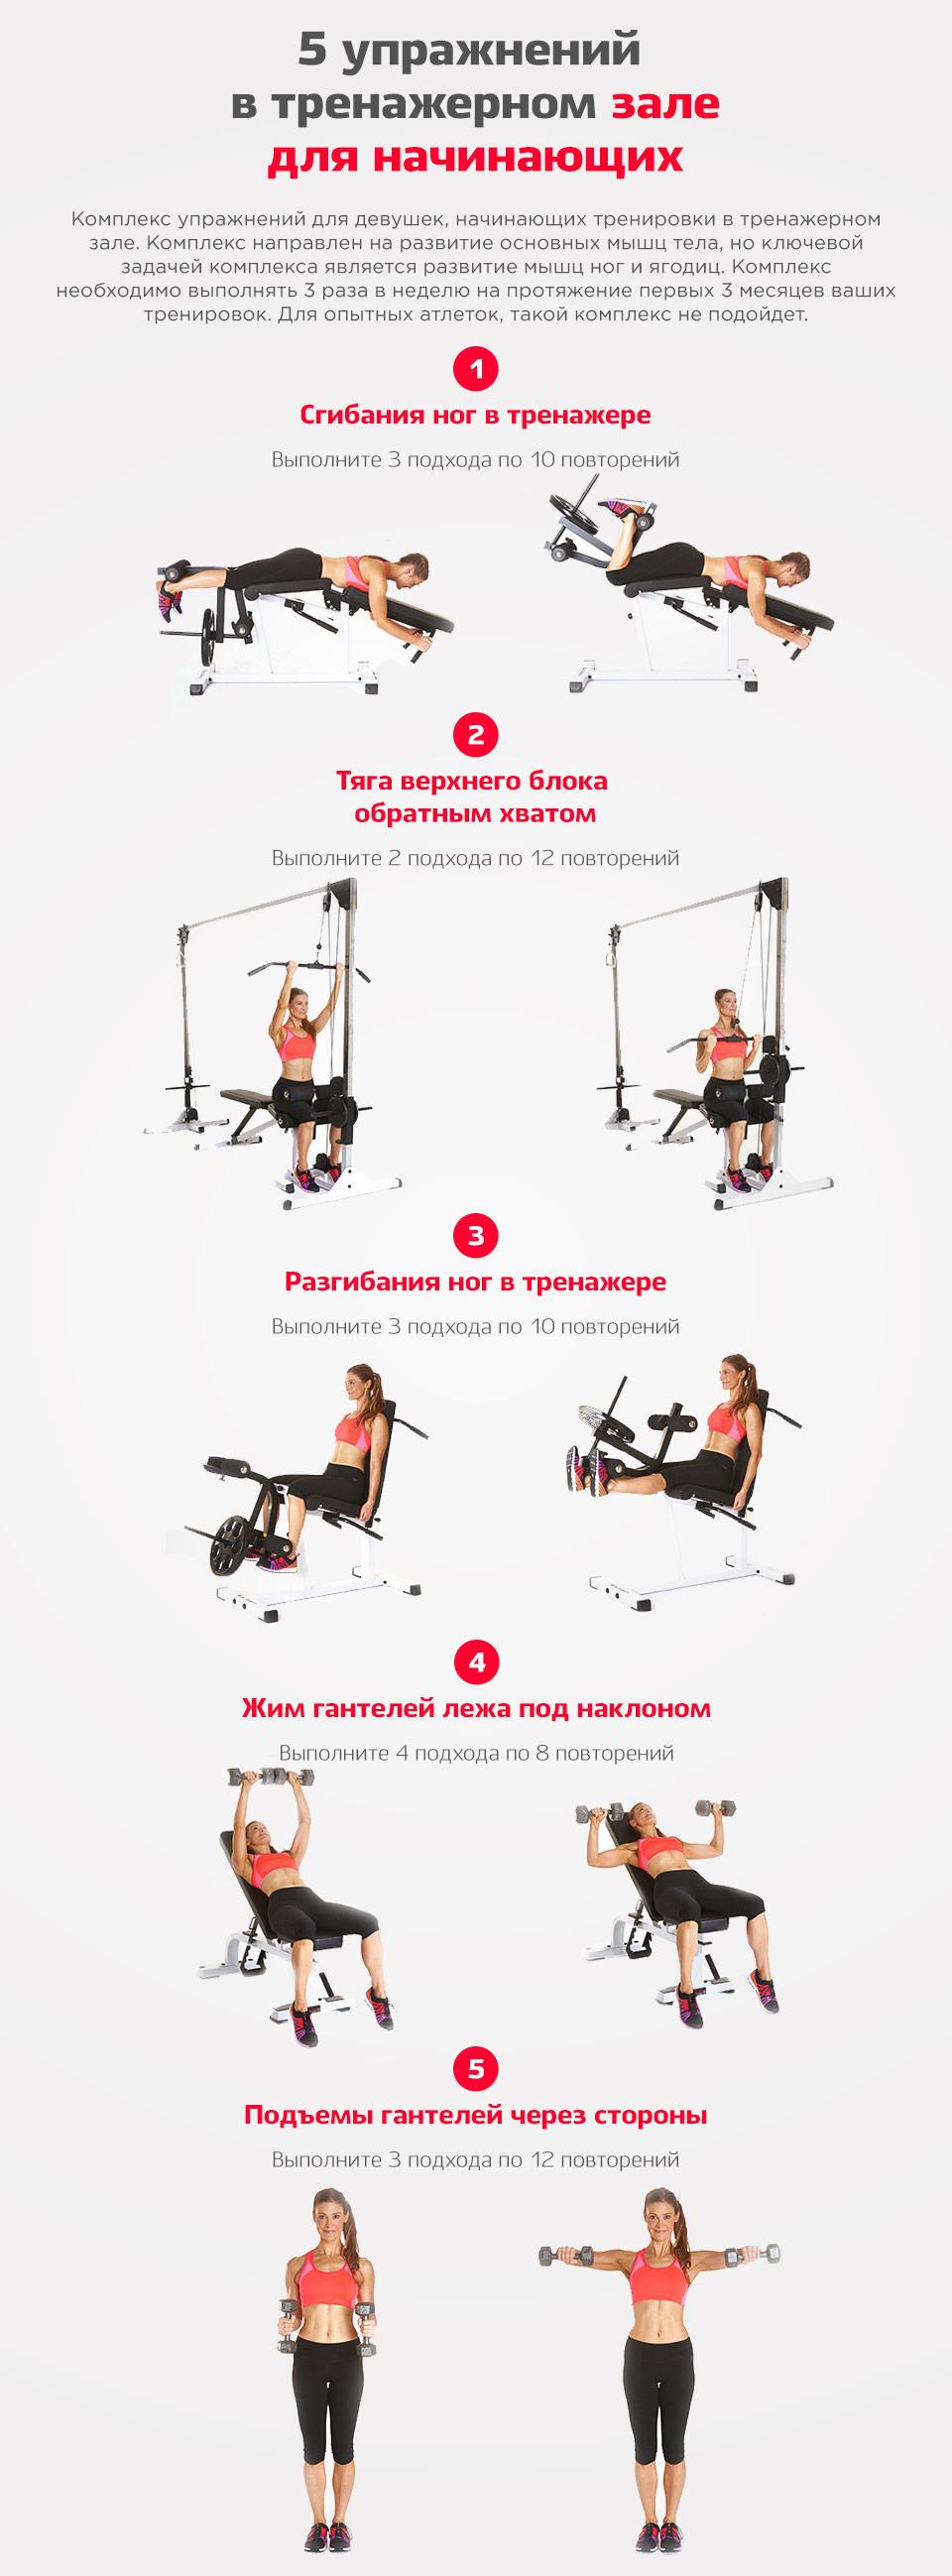 упражнений для девушек в тренажерном зале